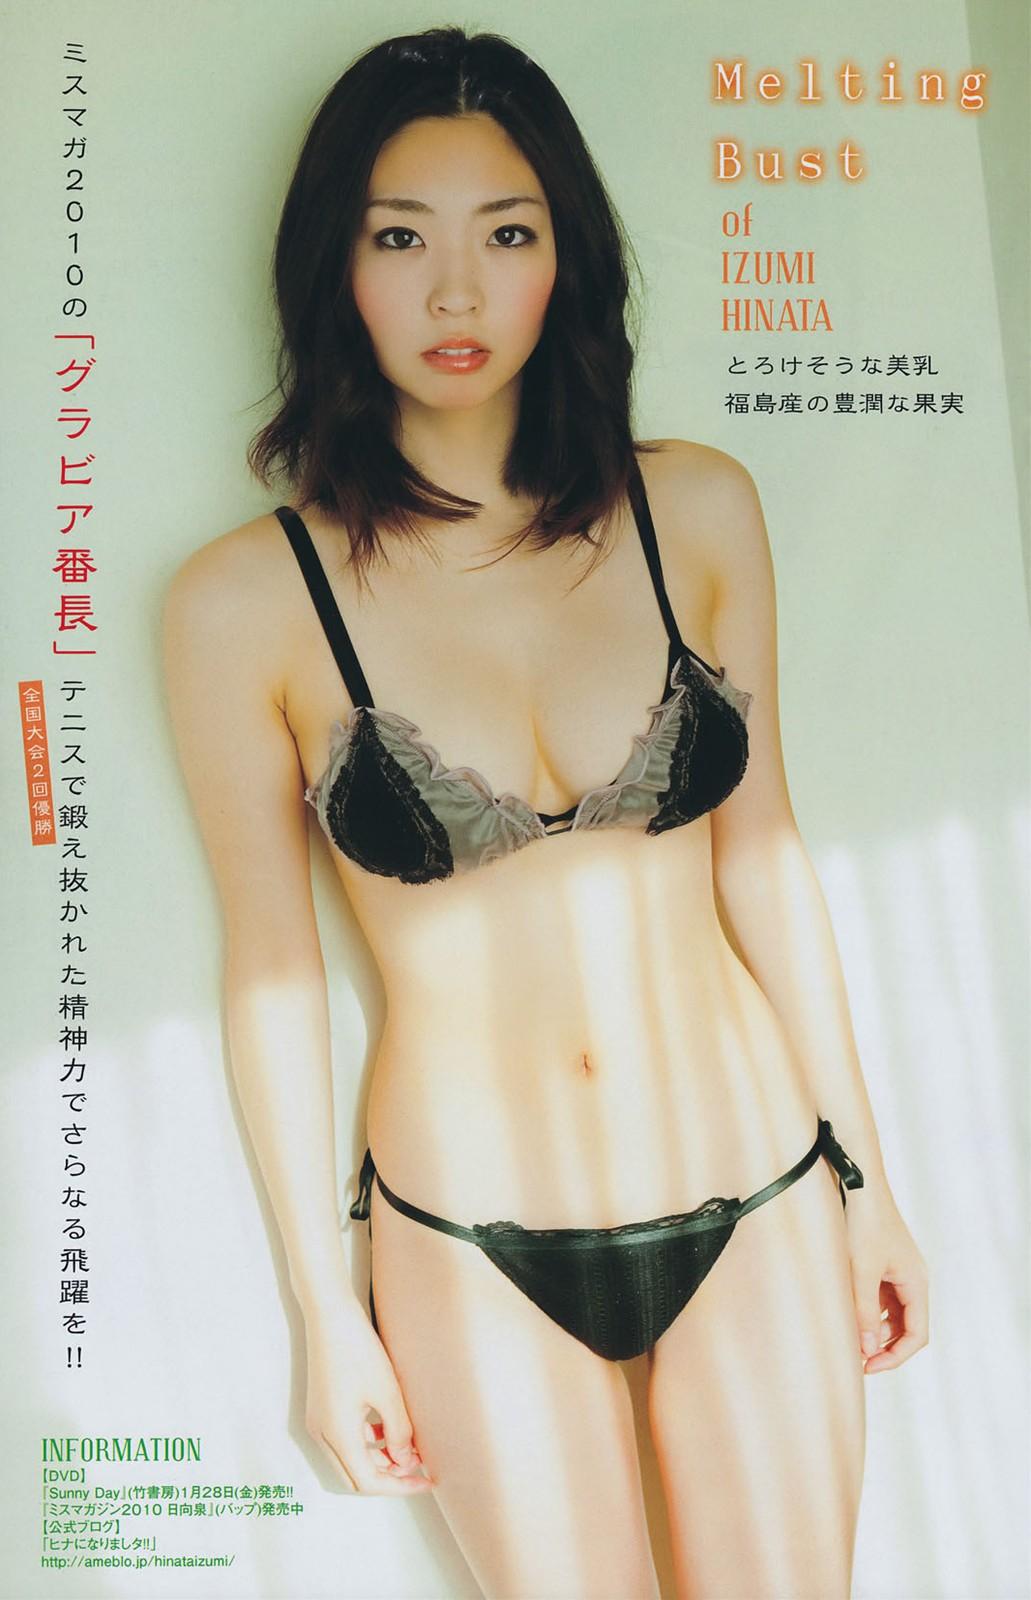 ミスマガジン2010の日向泉が白い肌が透き通るような丸裸のセミヌードを披露画像6